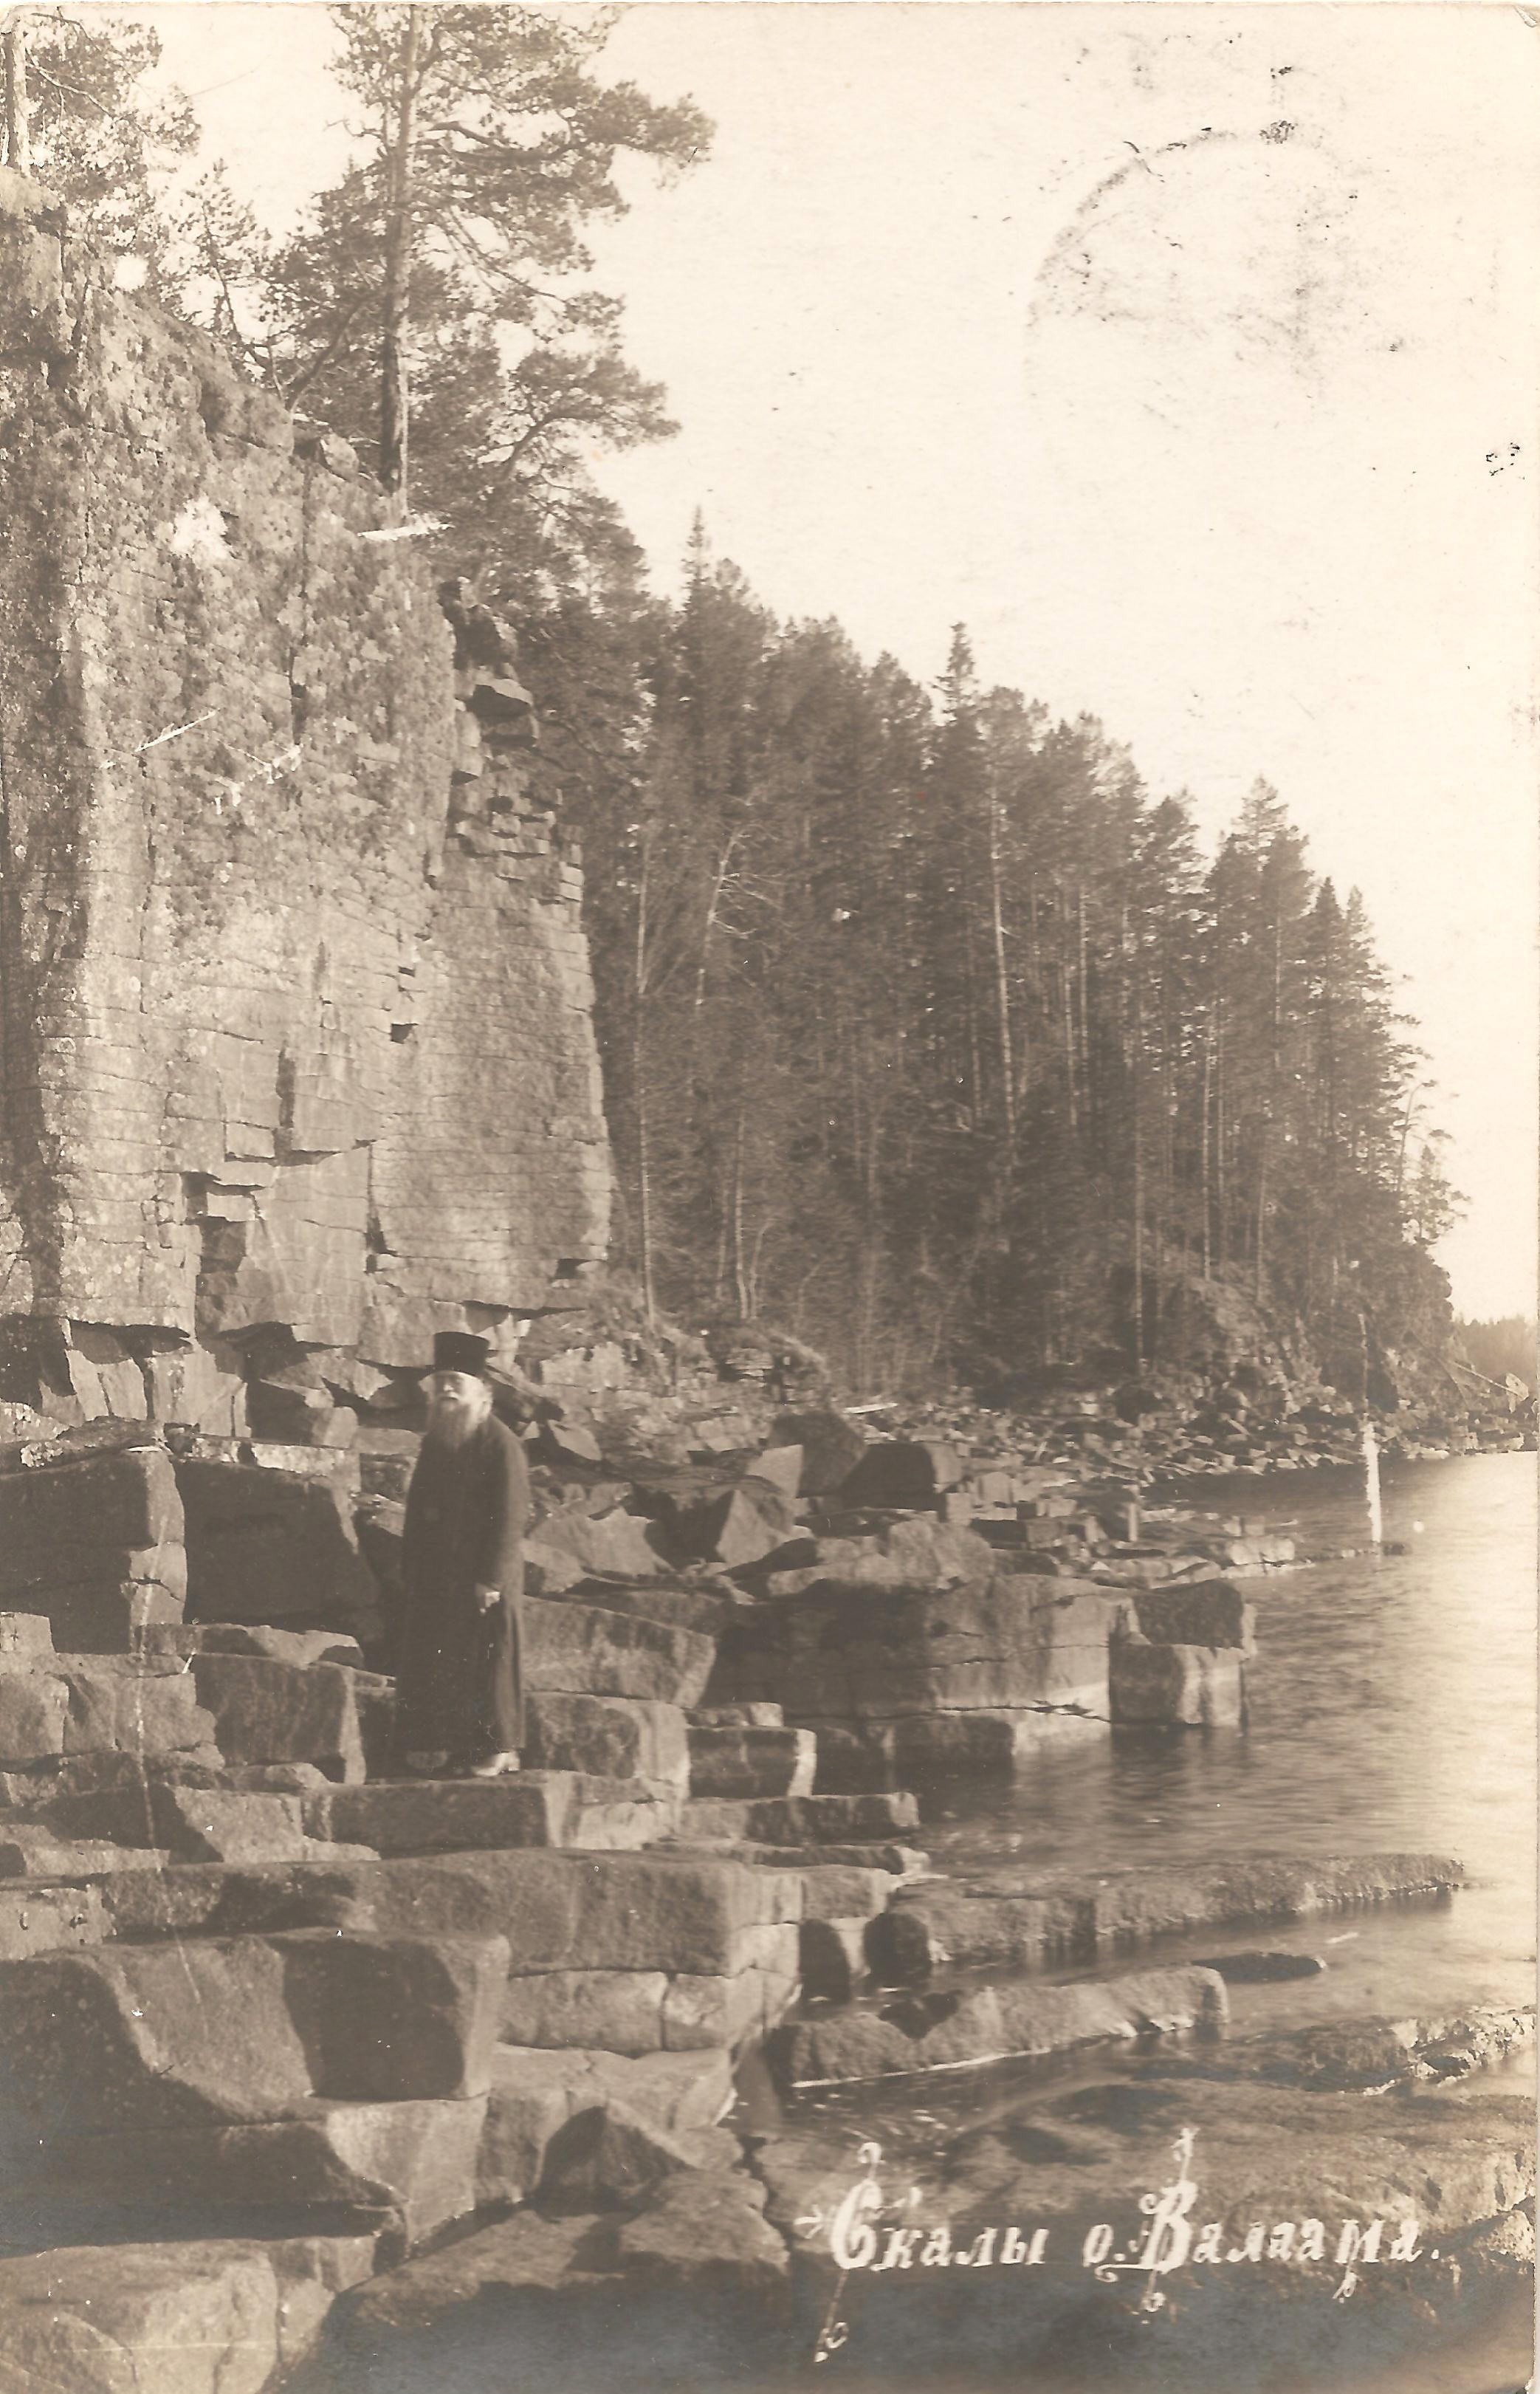 Скалы Валаама. Открытка 1912 г.